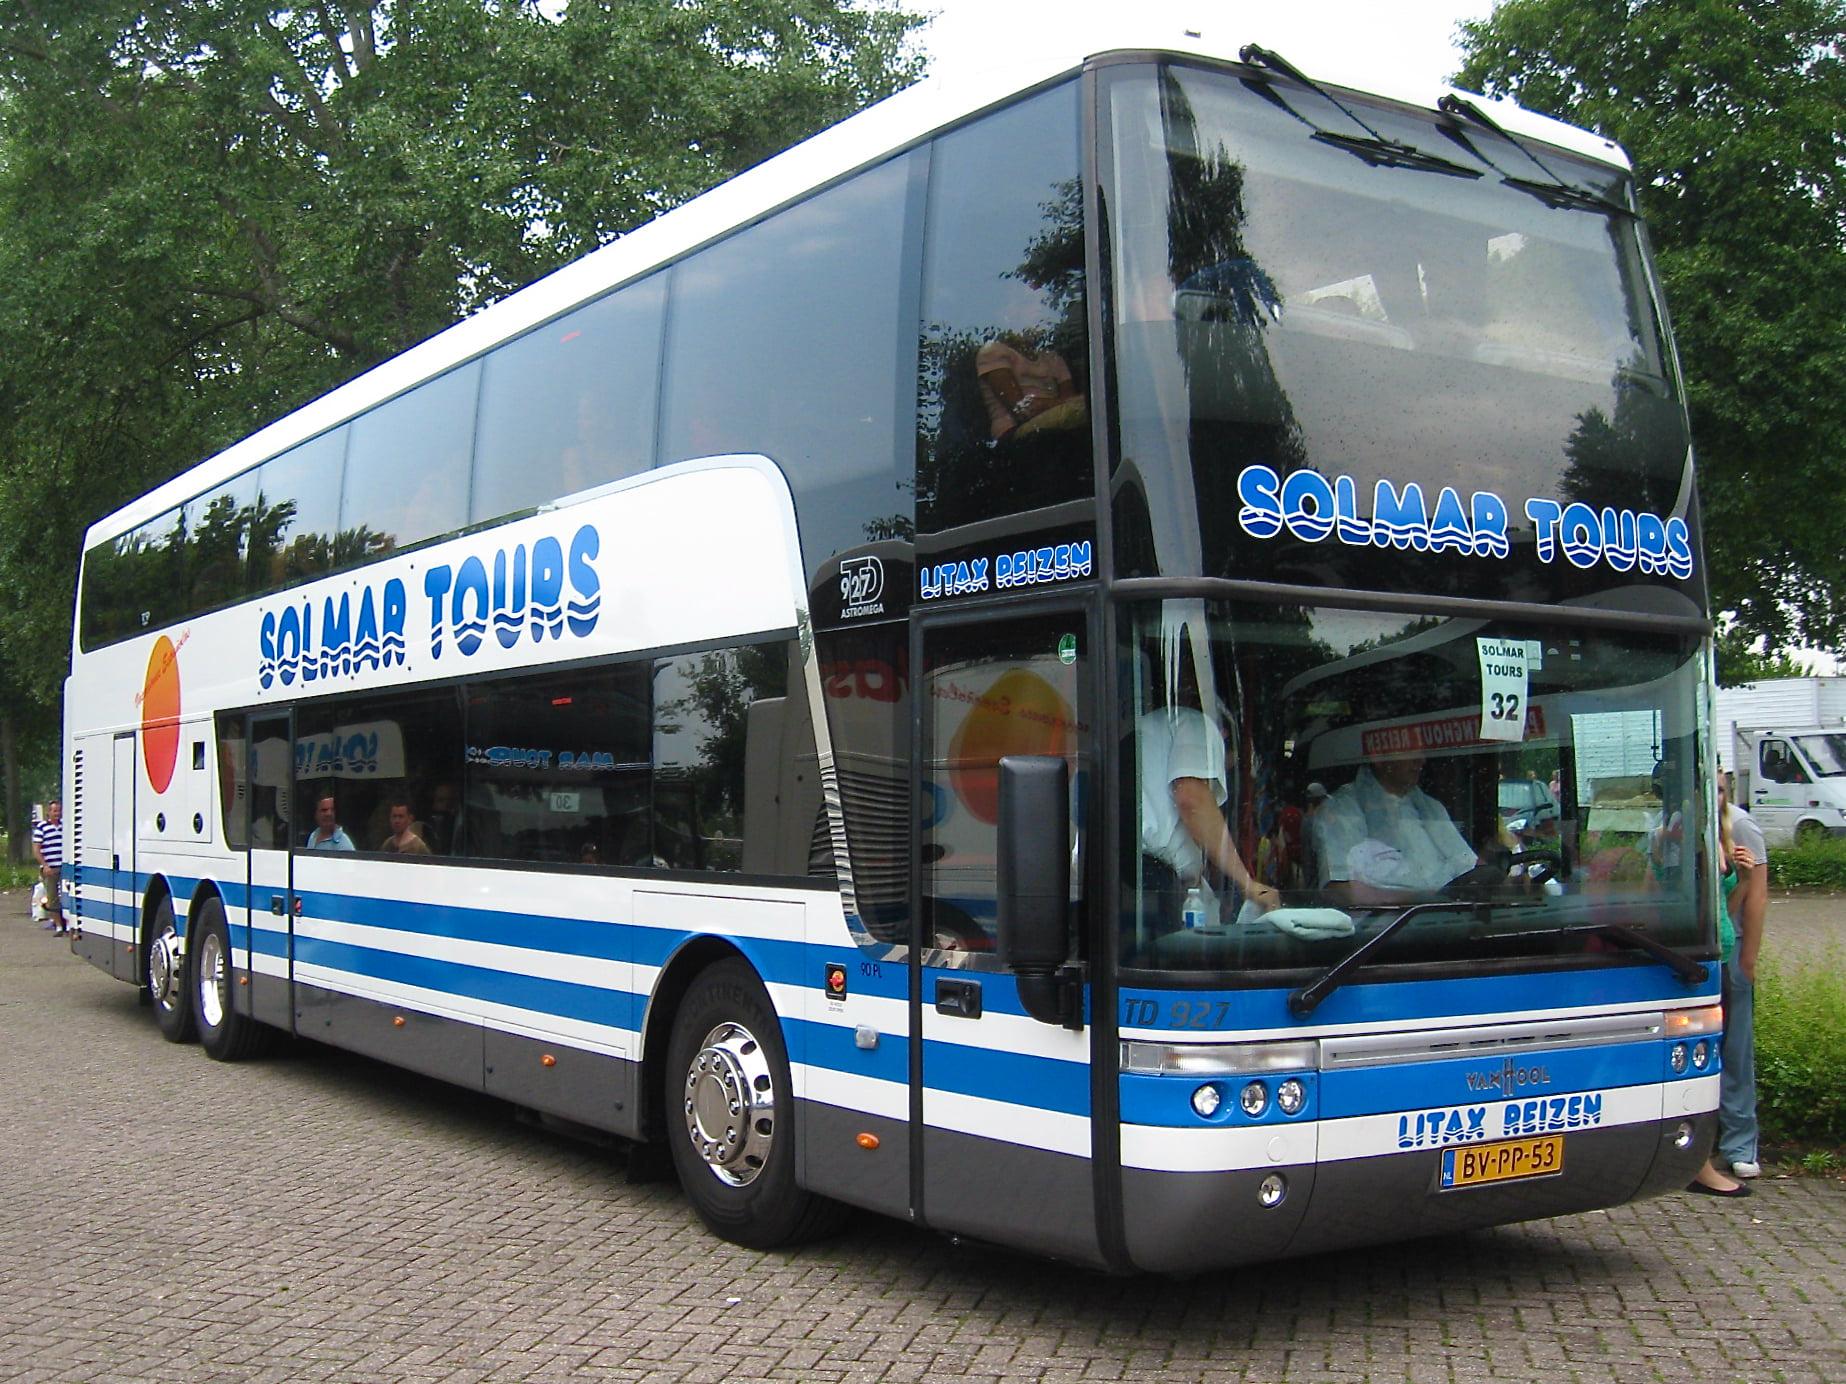 Jaap-de-koning-foto-3-7-2009-bij-de-geuselt-Maastricht